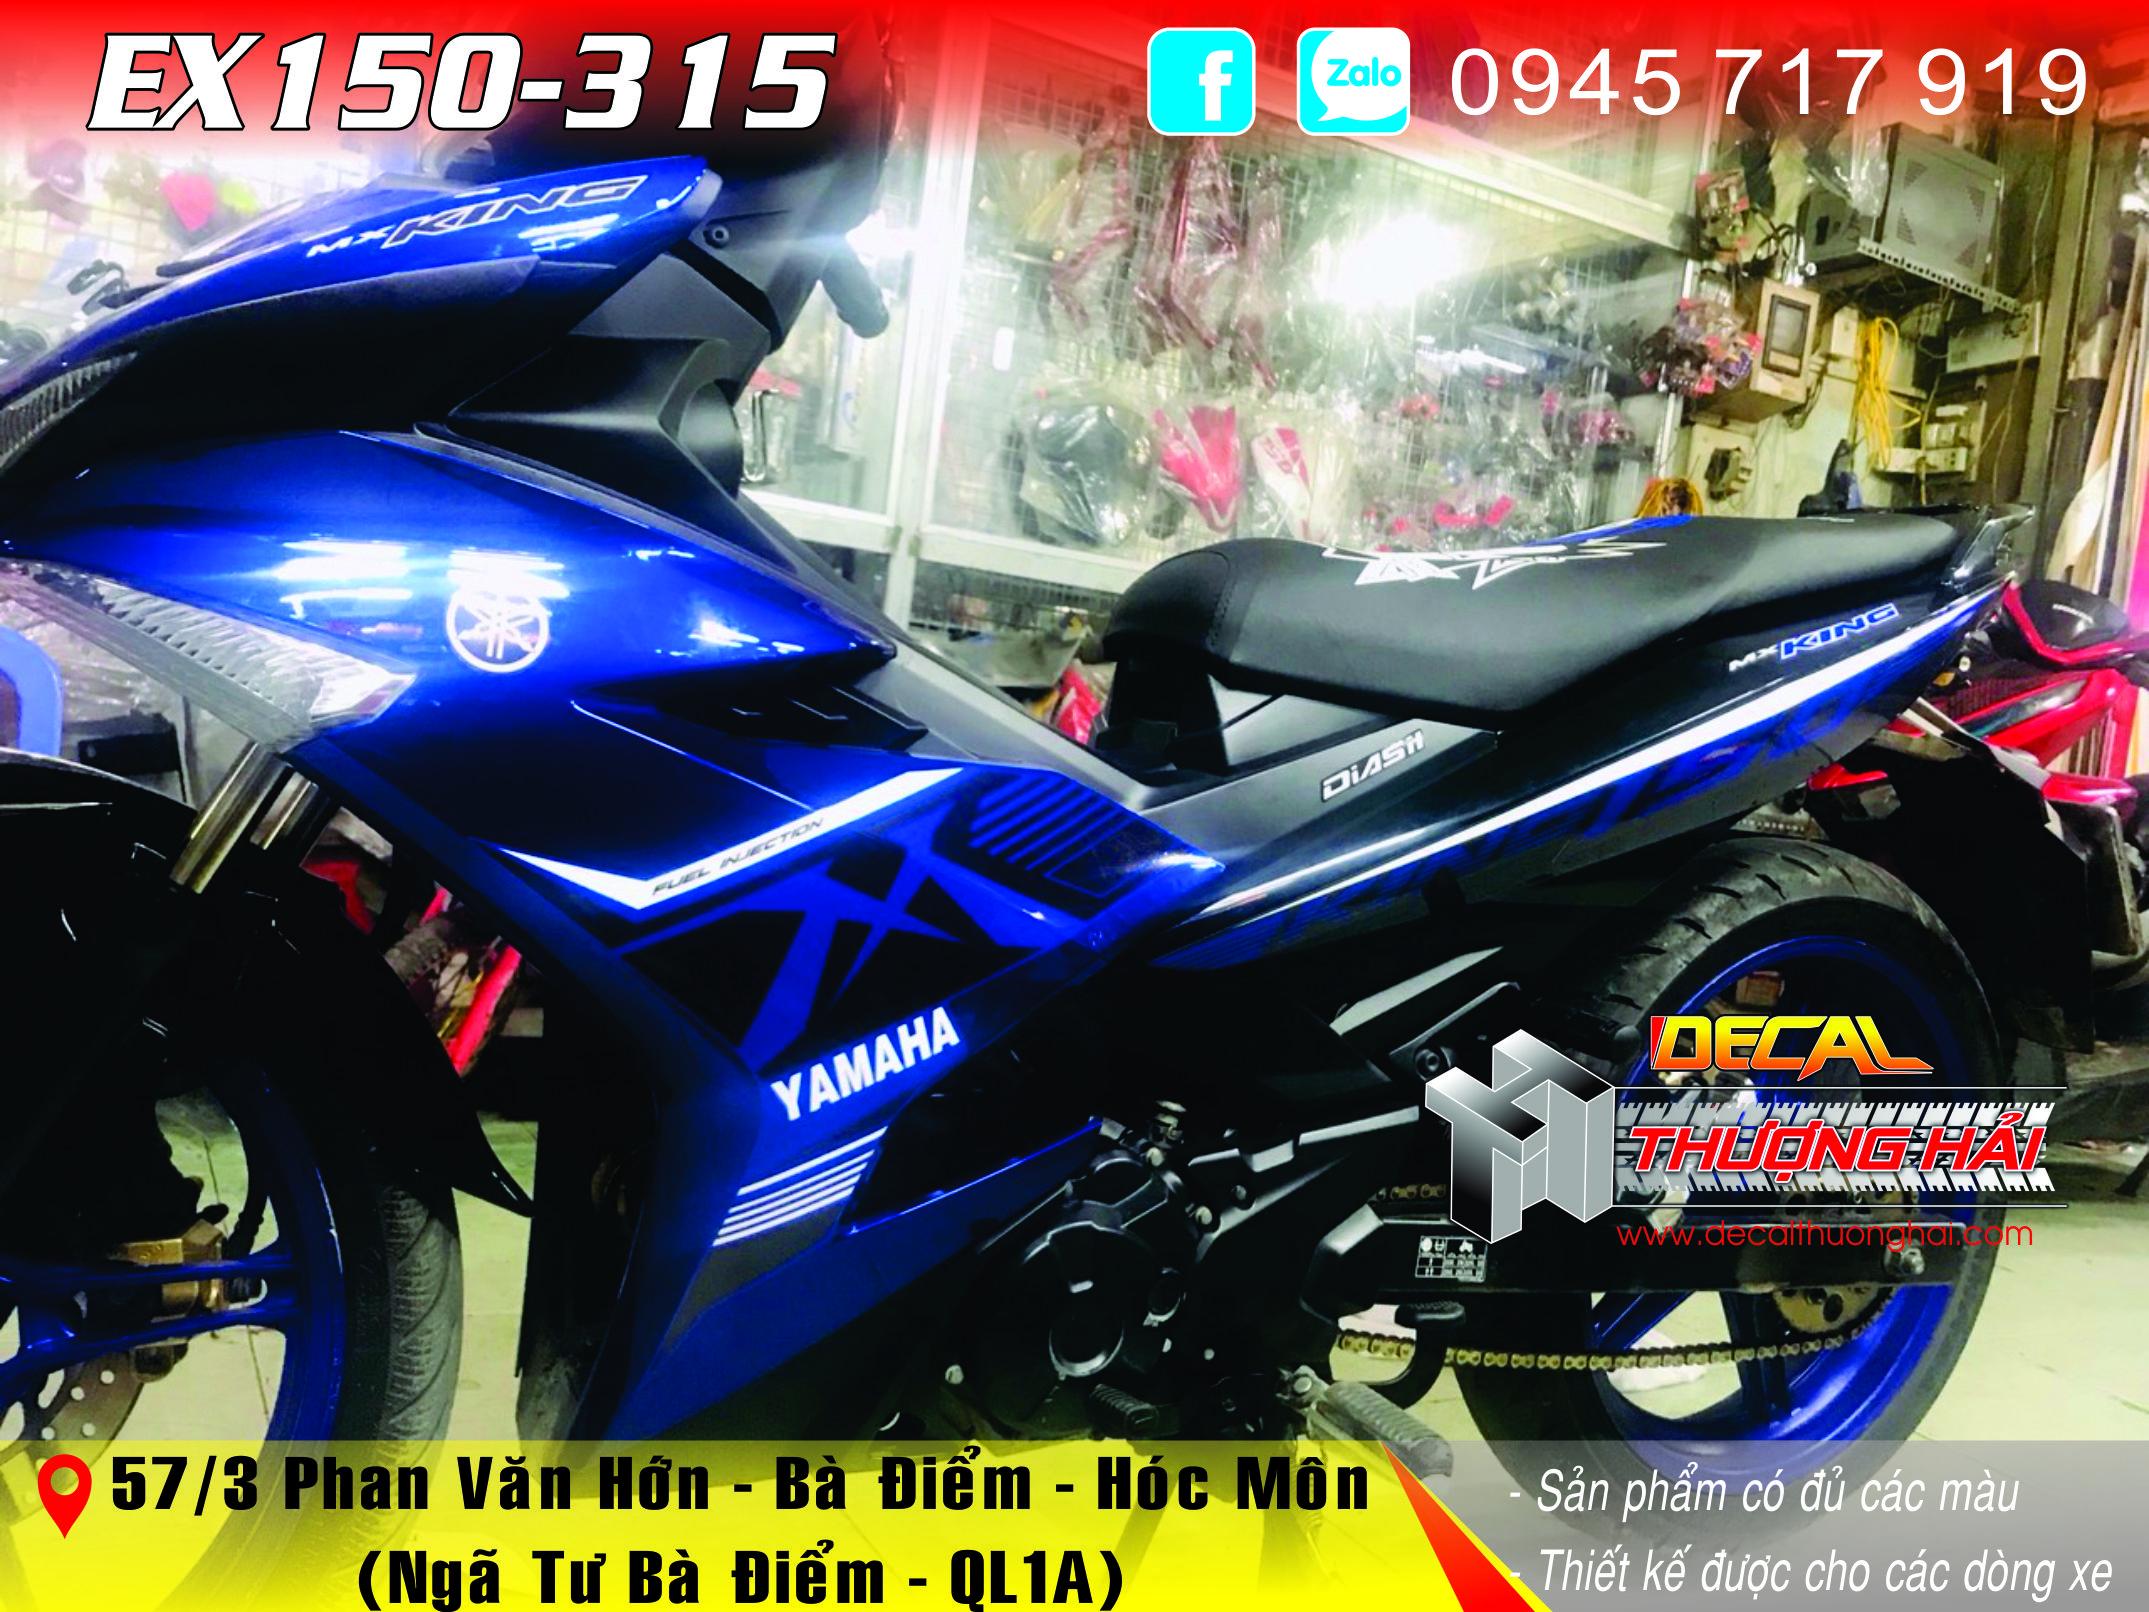 Tem Trùm Exciter 150 MX King - 315